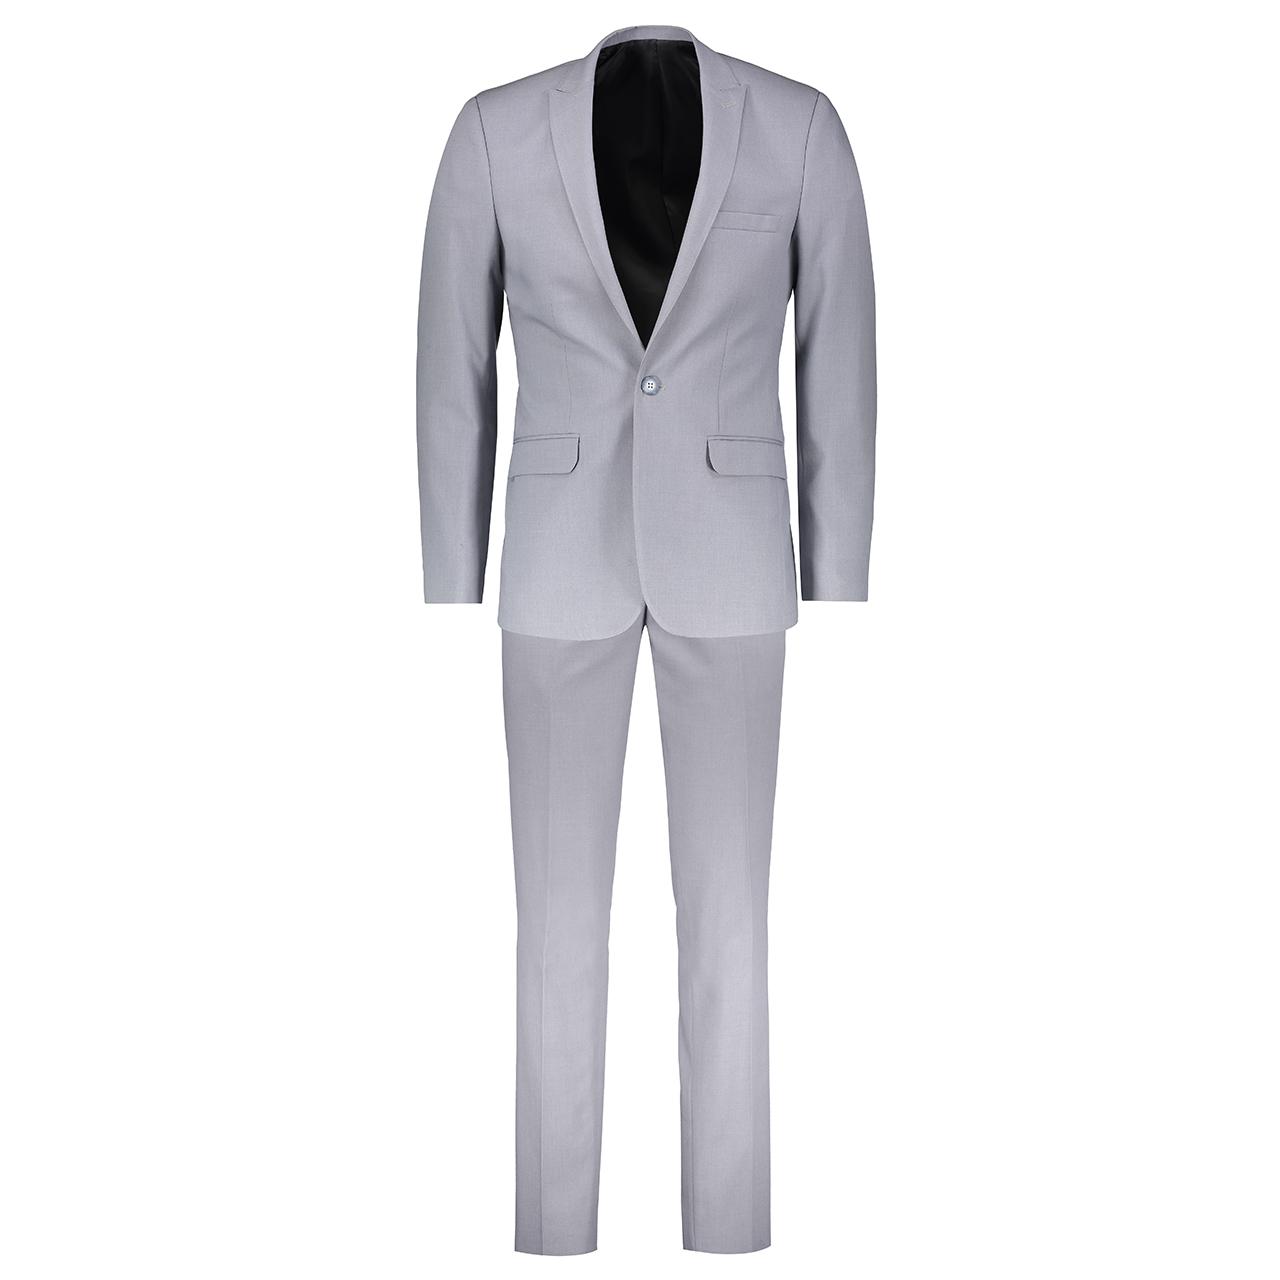 کت و شلوار مردانه مدل Classic Gray2